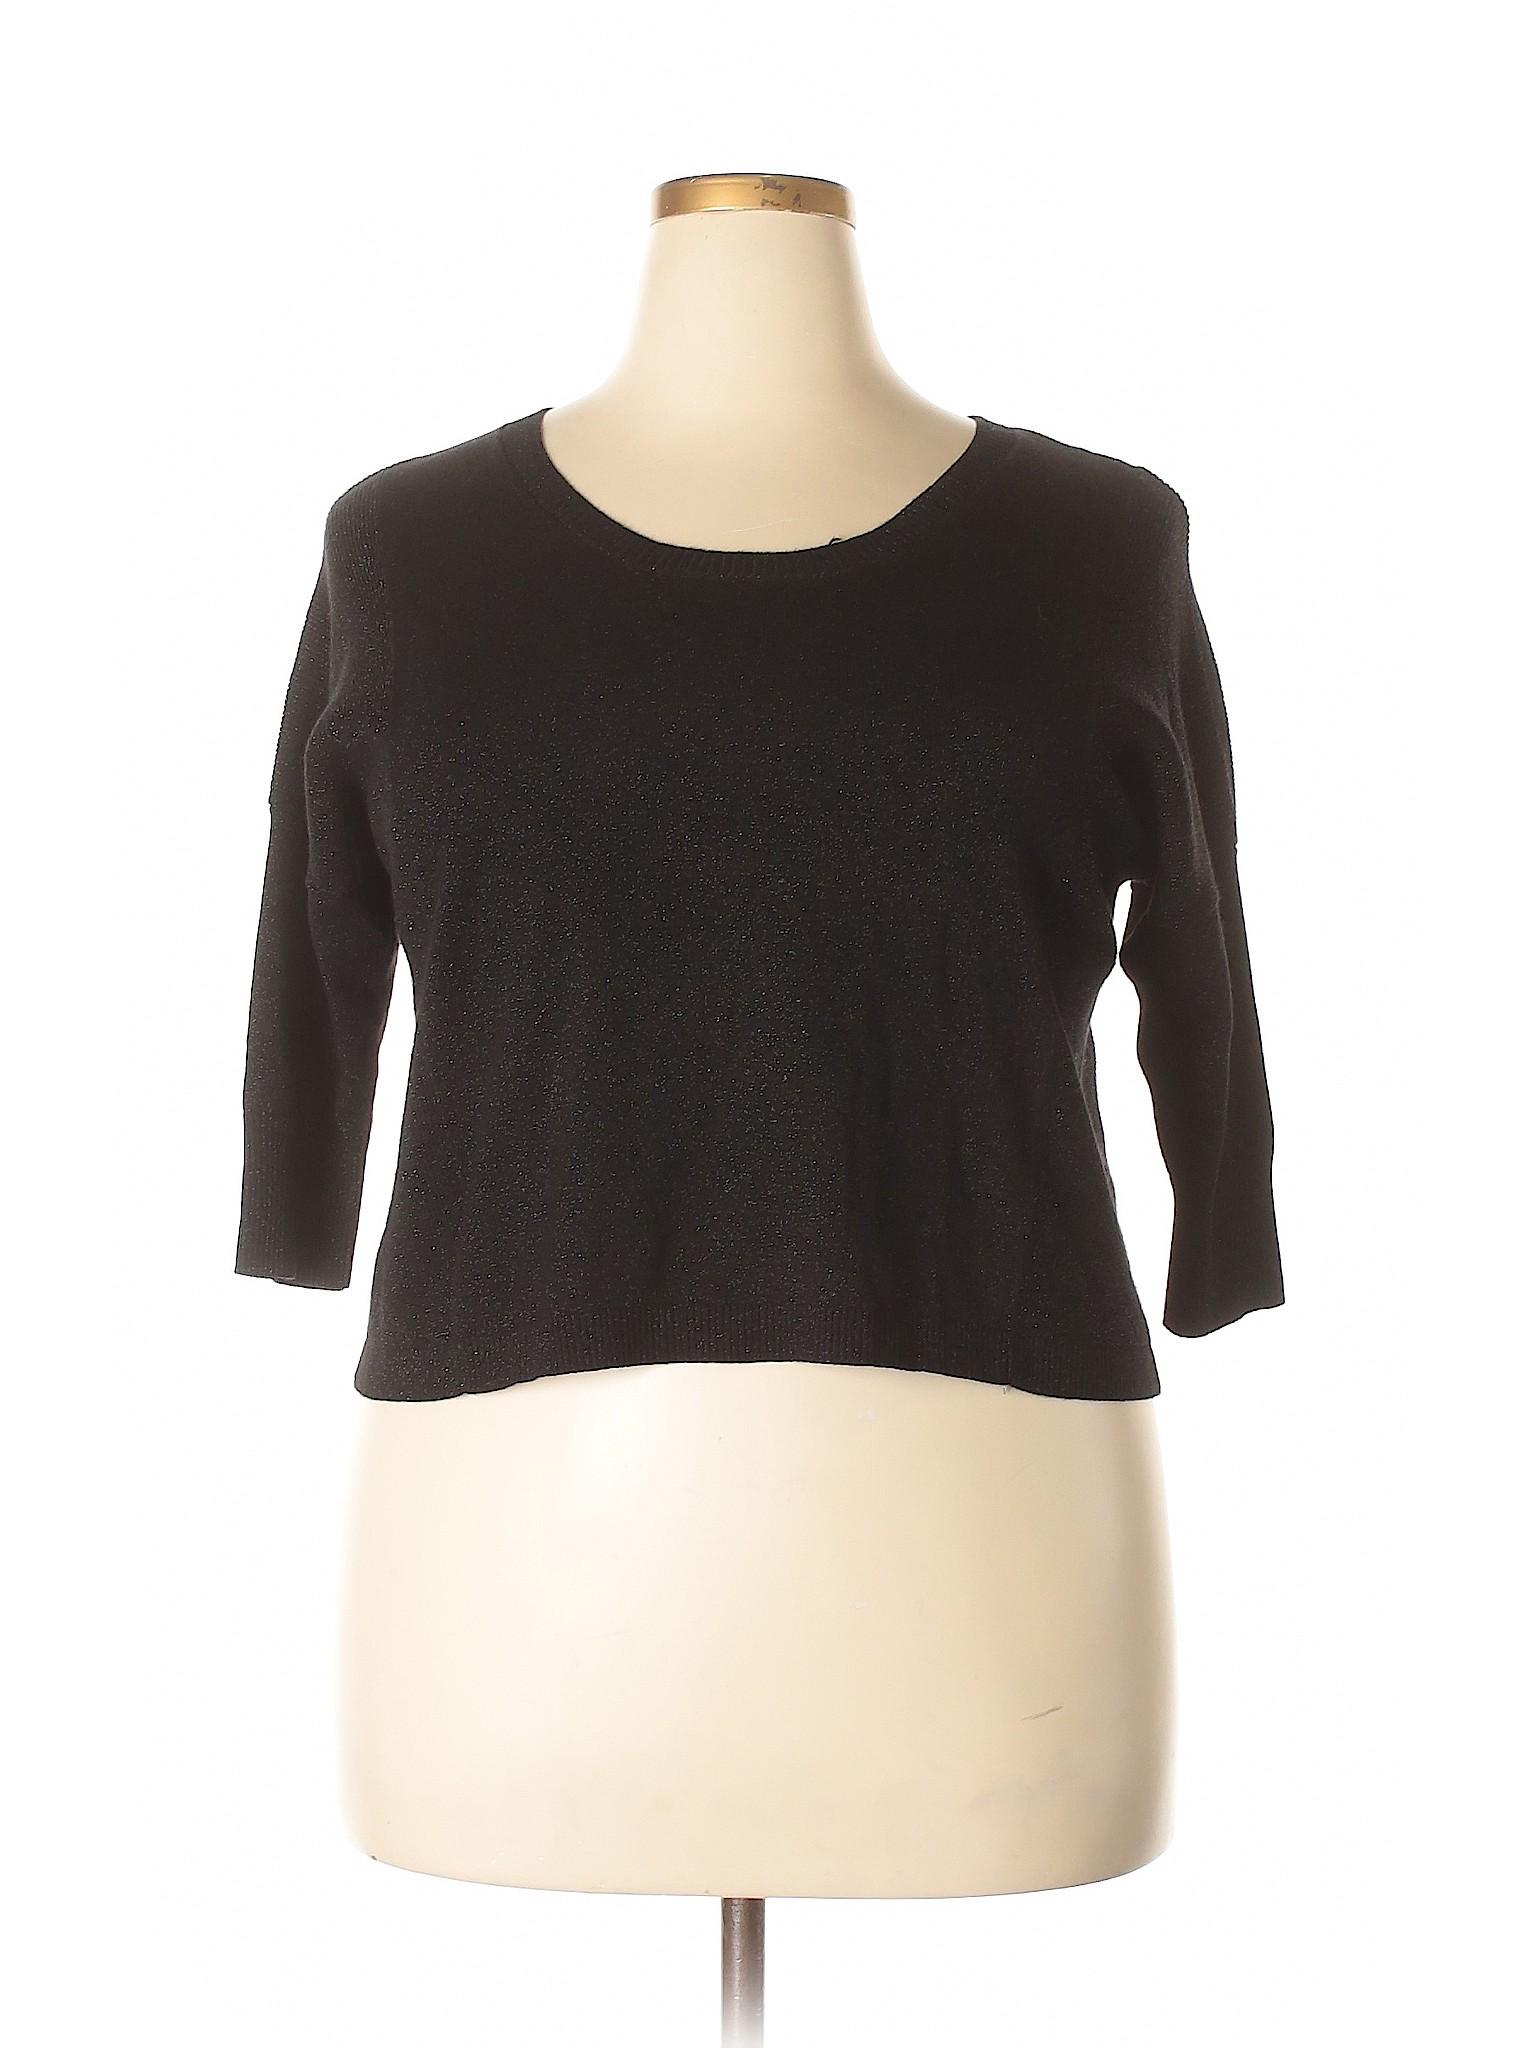 Boutique Pullover Sweater Lane Boutique Bryant Lane ag0qS